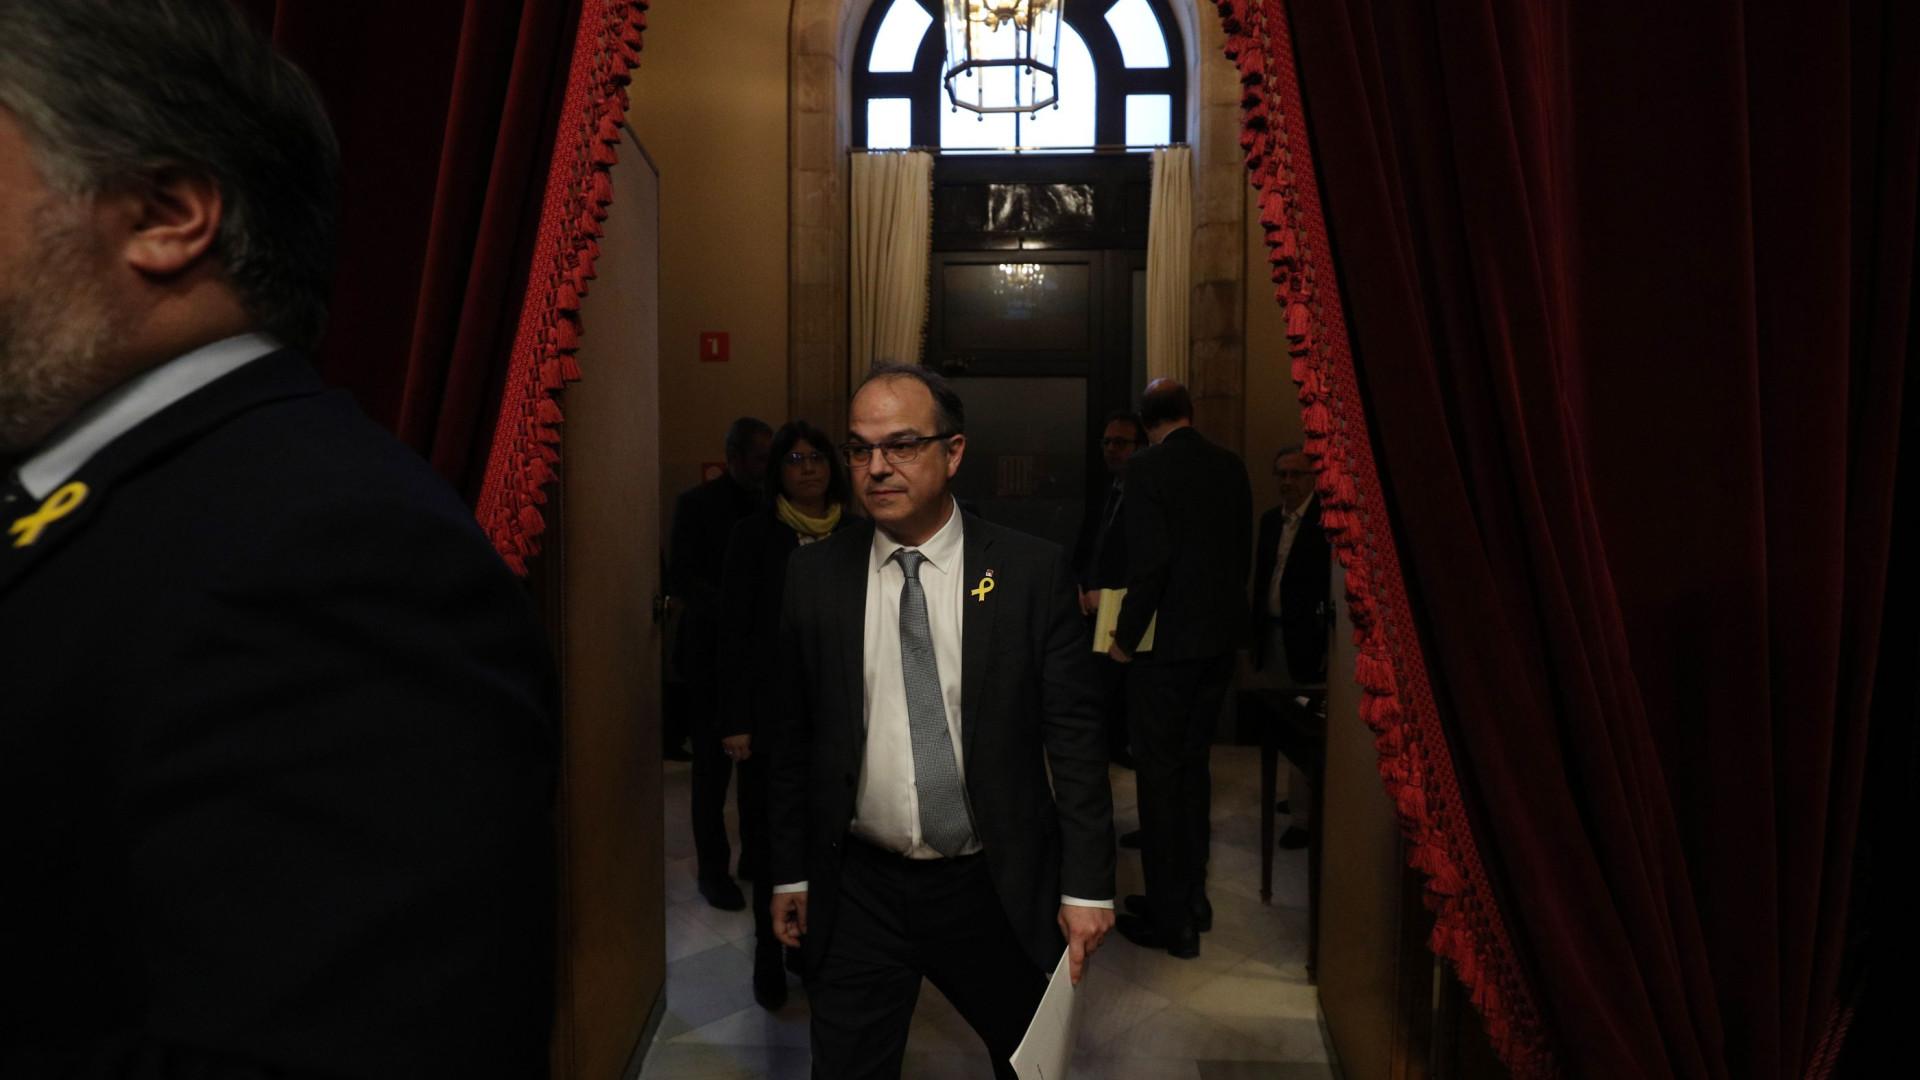 Supremo espanhol decide se candidato à presidência regressa à prisão